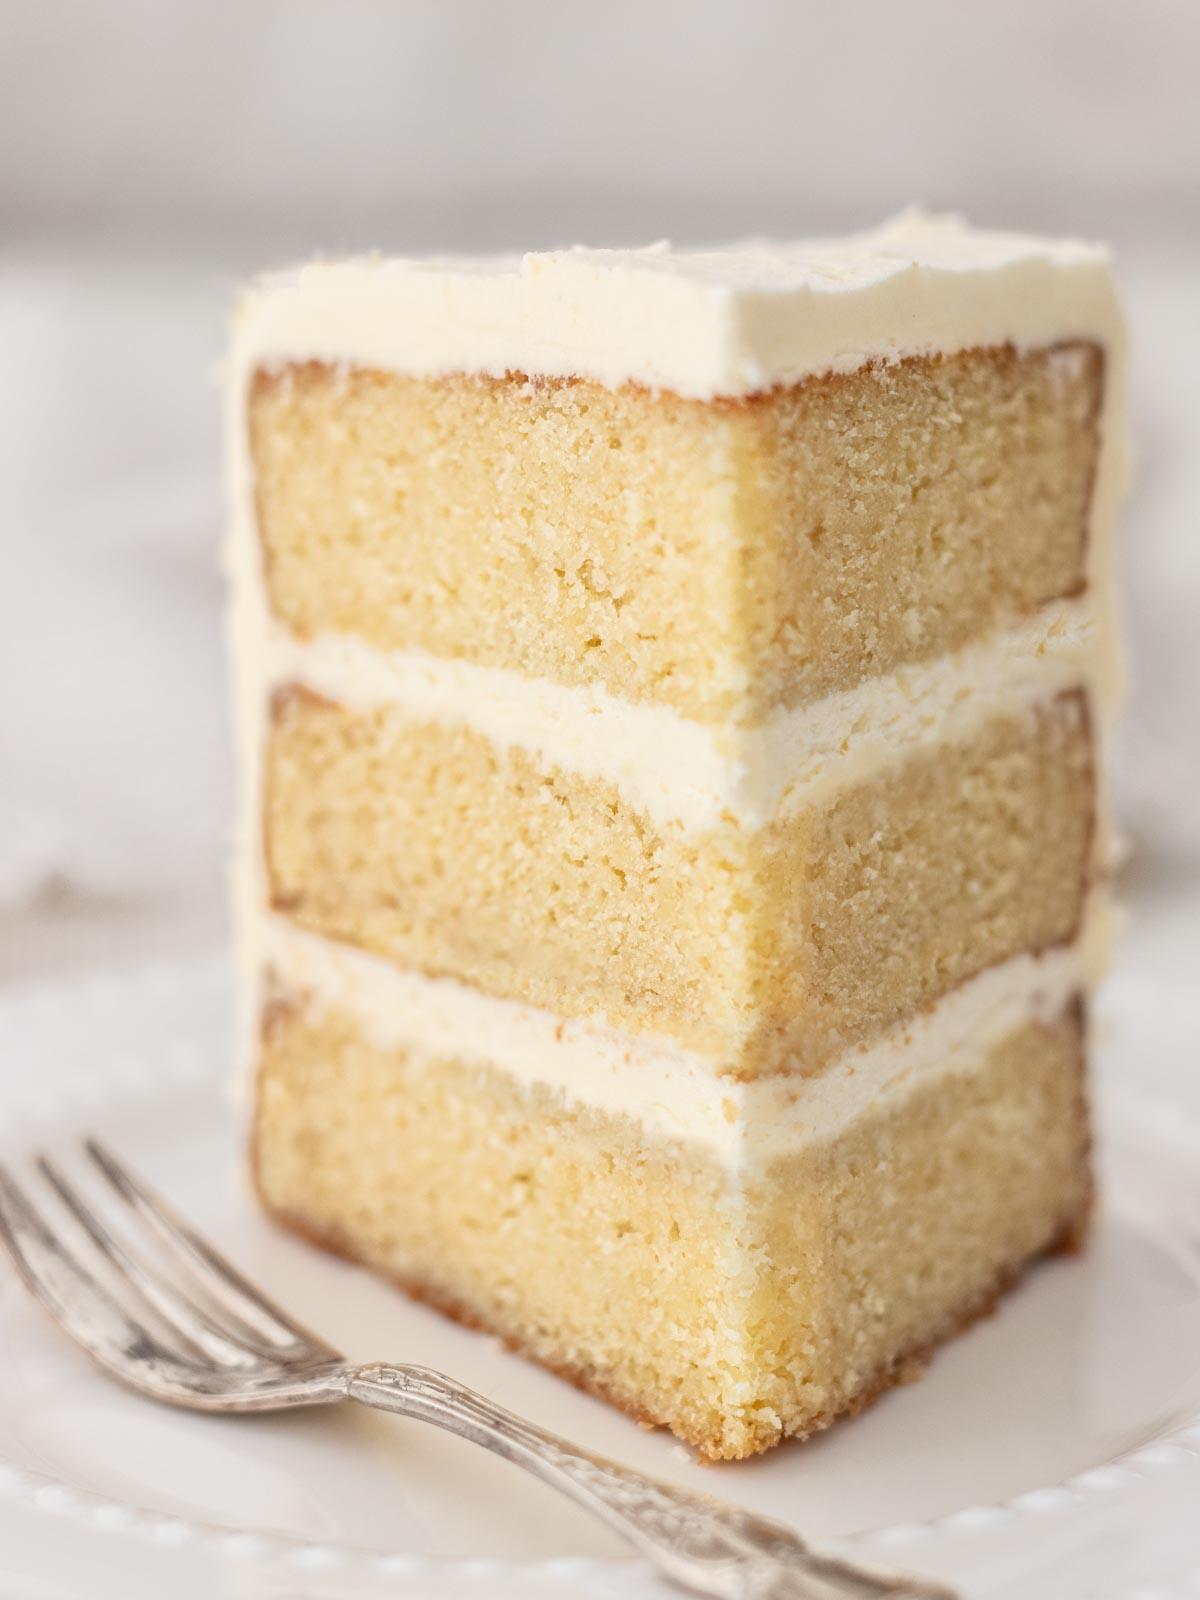 Vanilla Cake with Swiss Meringue Buttercream